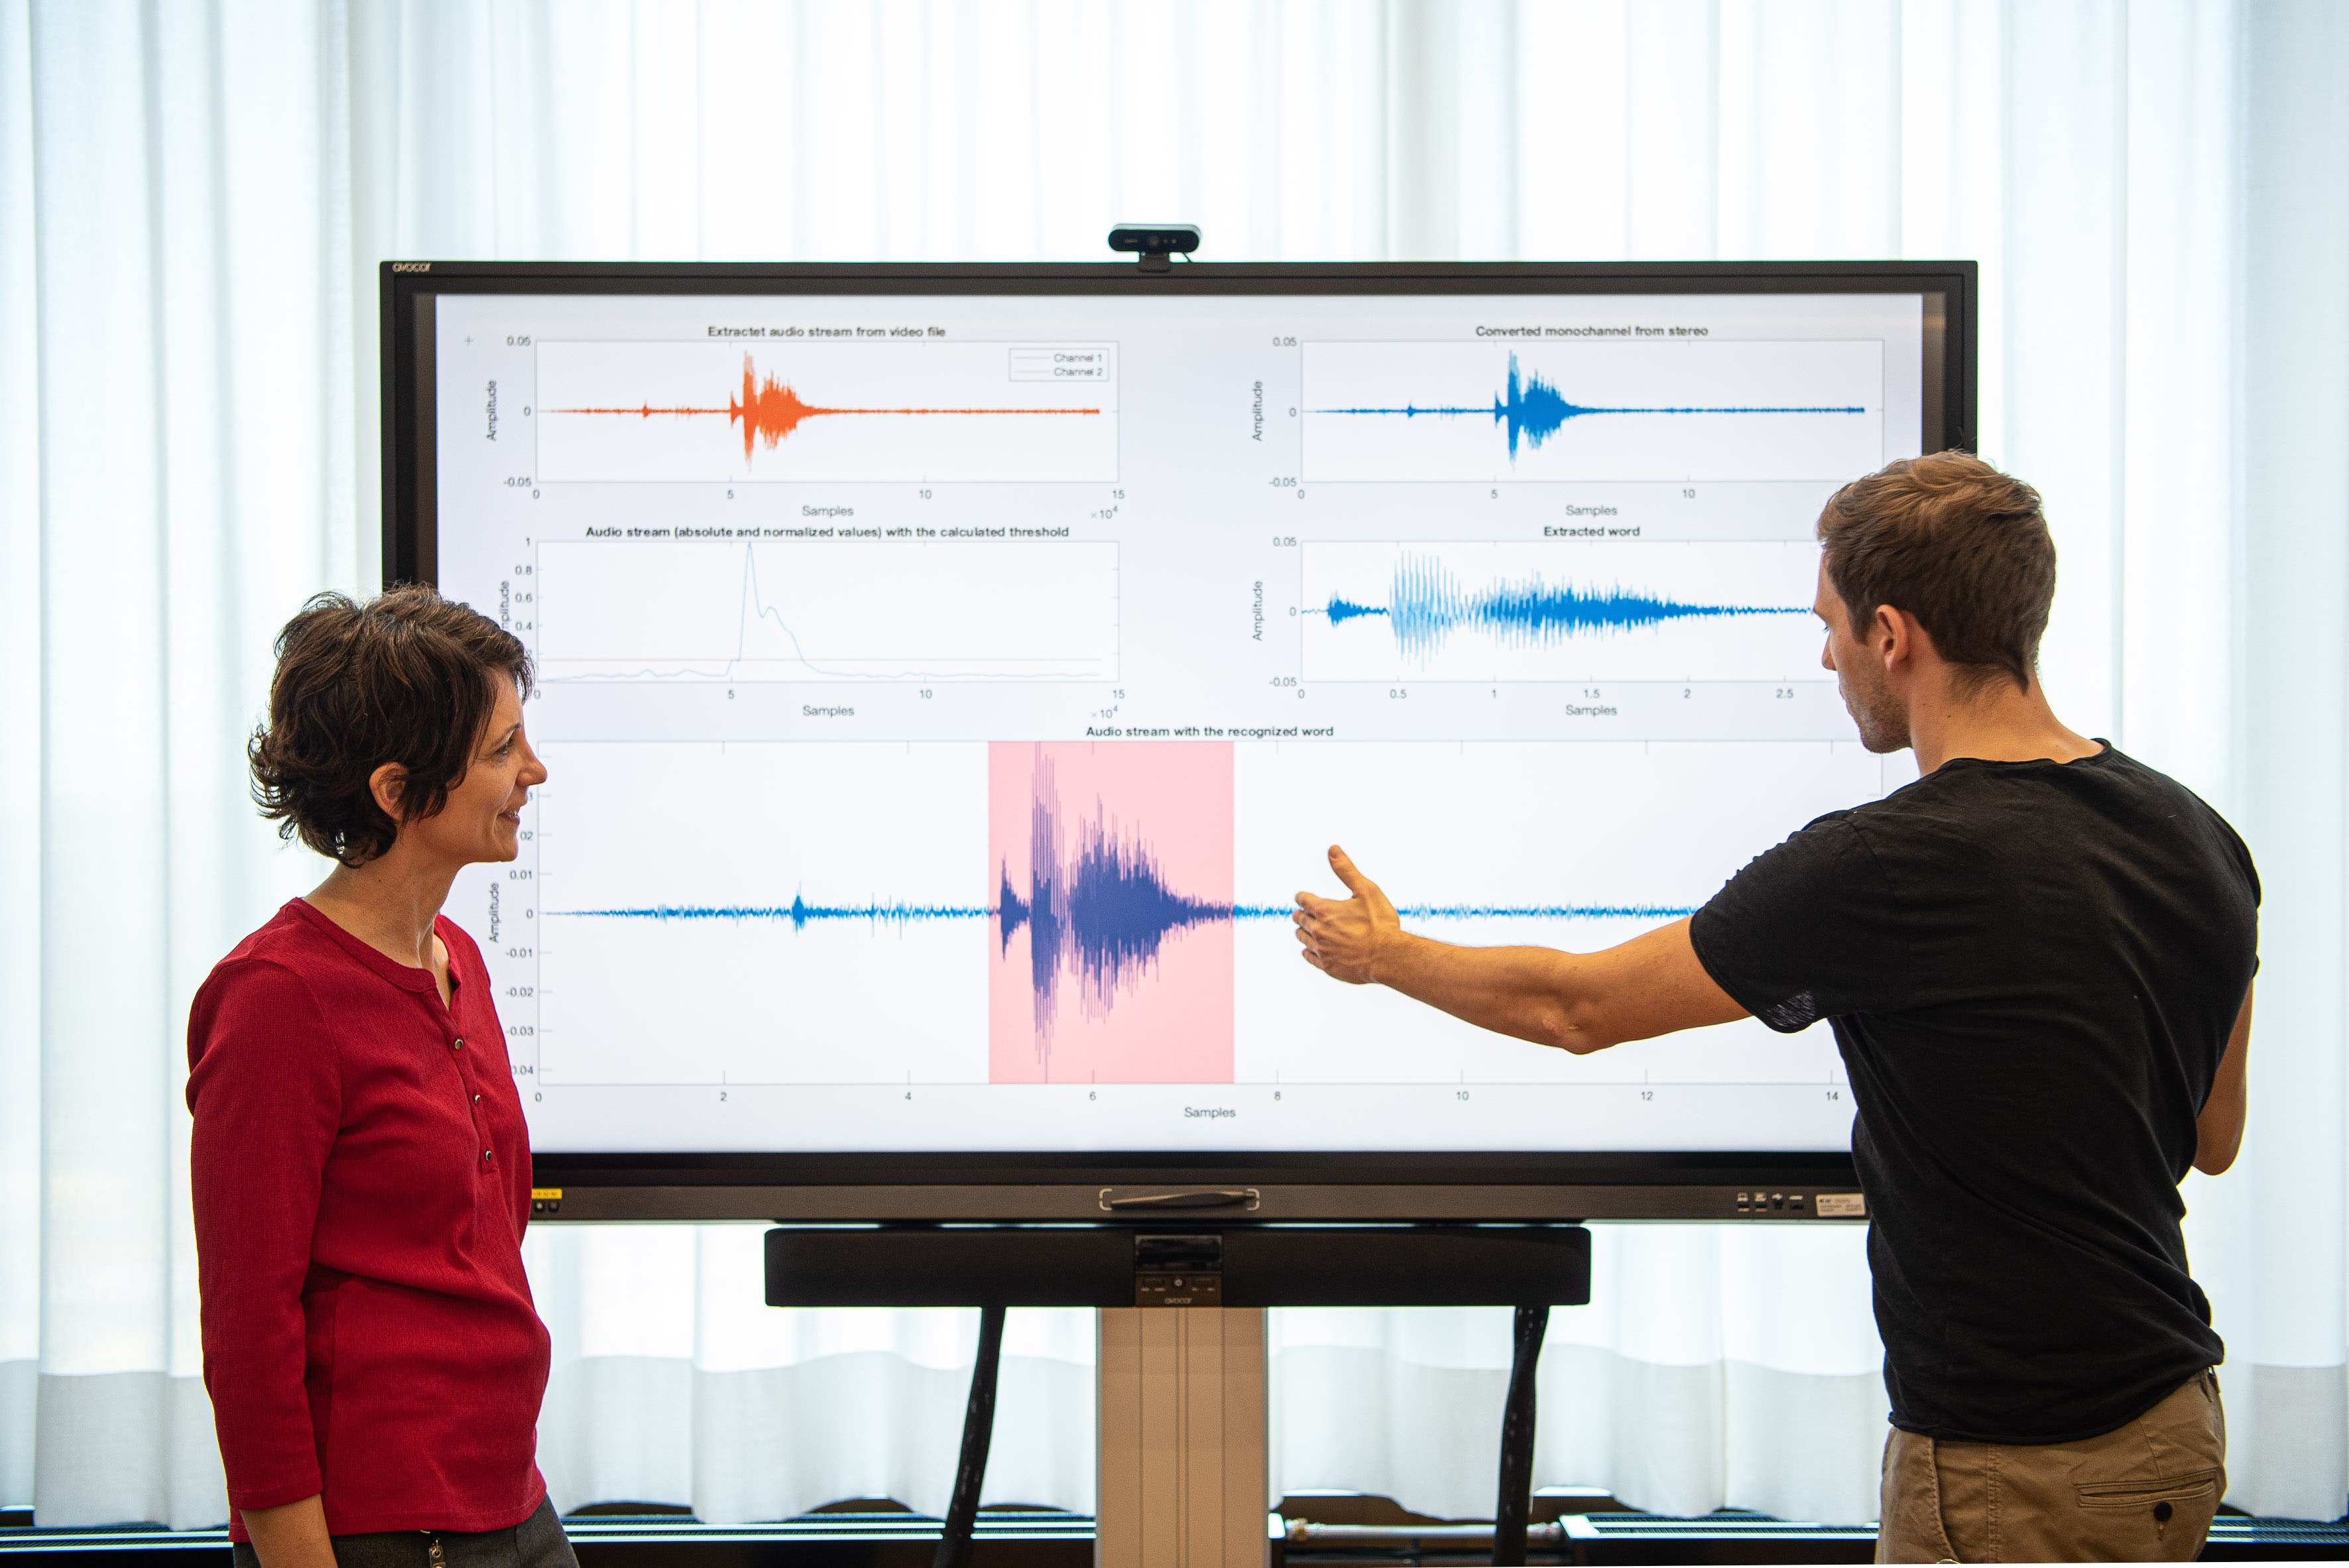 Besprechung der Resultate der Spracherkennung aus der zweiten empirischen Studie: Team der Hochschule für Life Sciences FHNW.